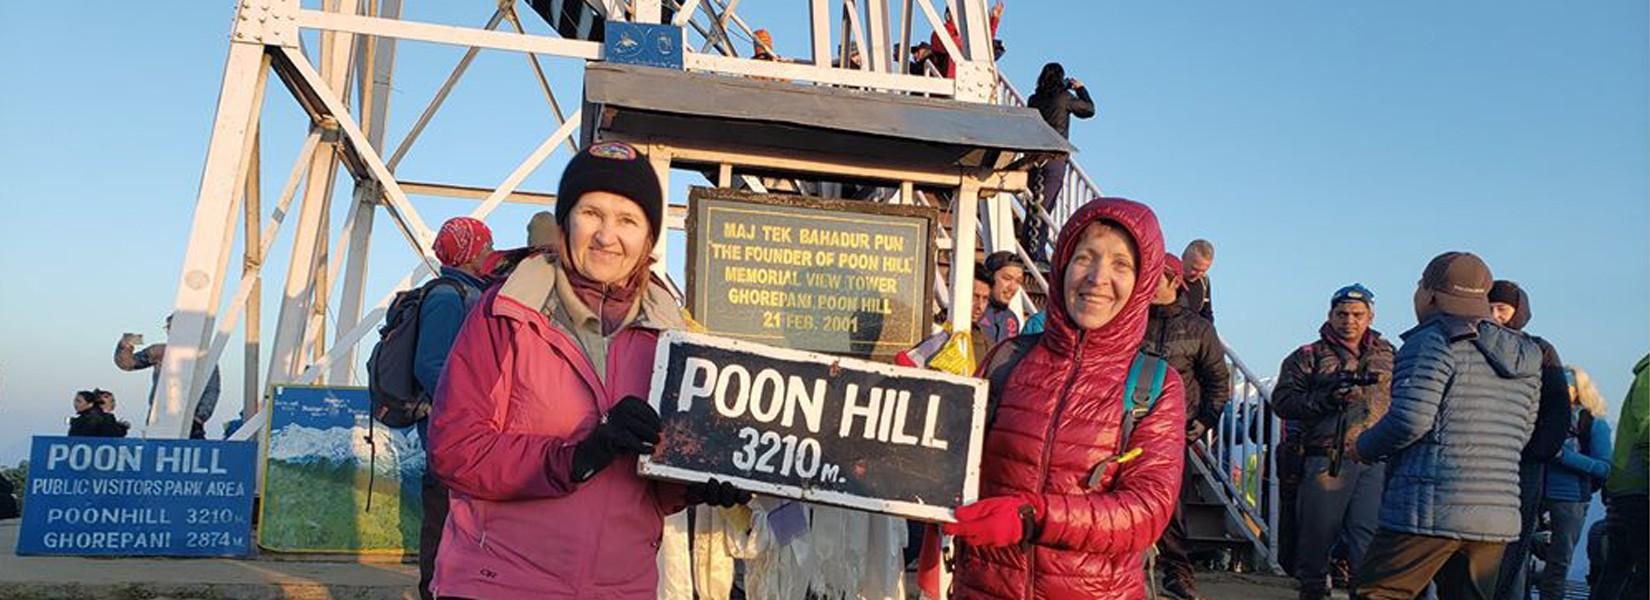 Annapurna Pun Hill Panorama Trekking